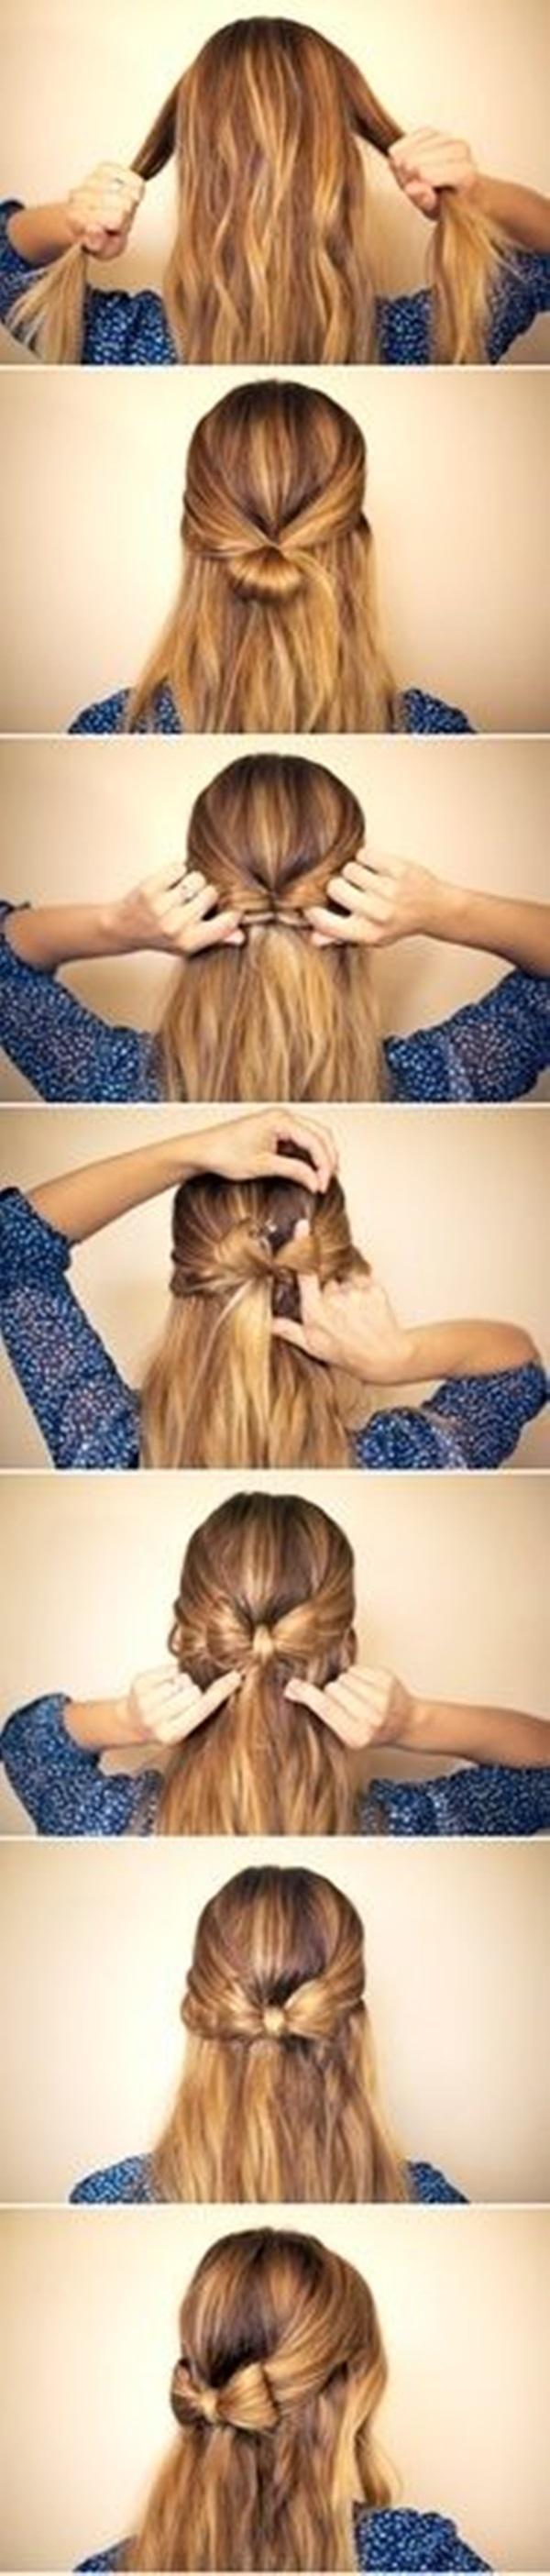 40 Quick Hairstyle Tutorials For Office Women Tutorial #Salvaje #Tentación #peinados #ParaCopiar #Ideas